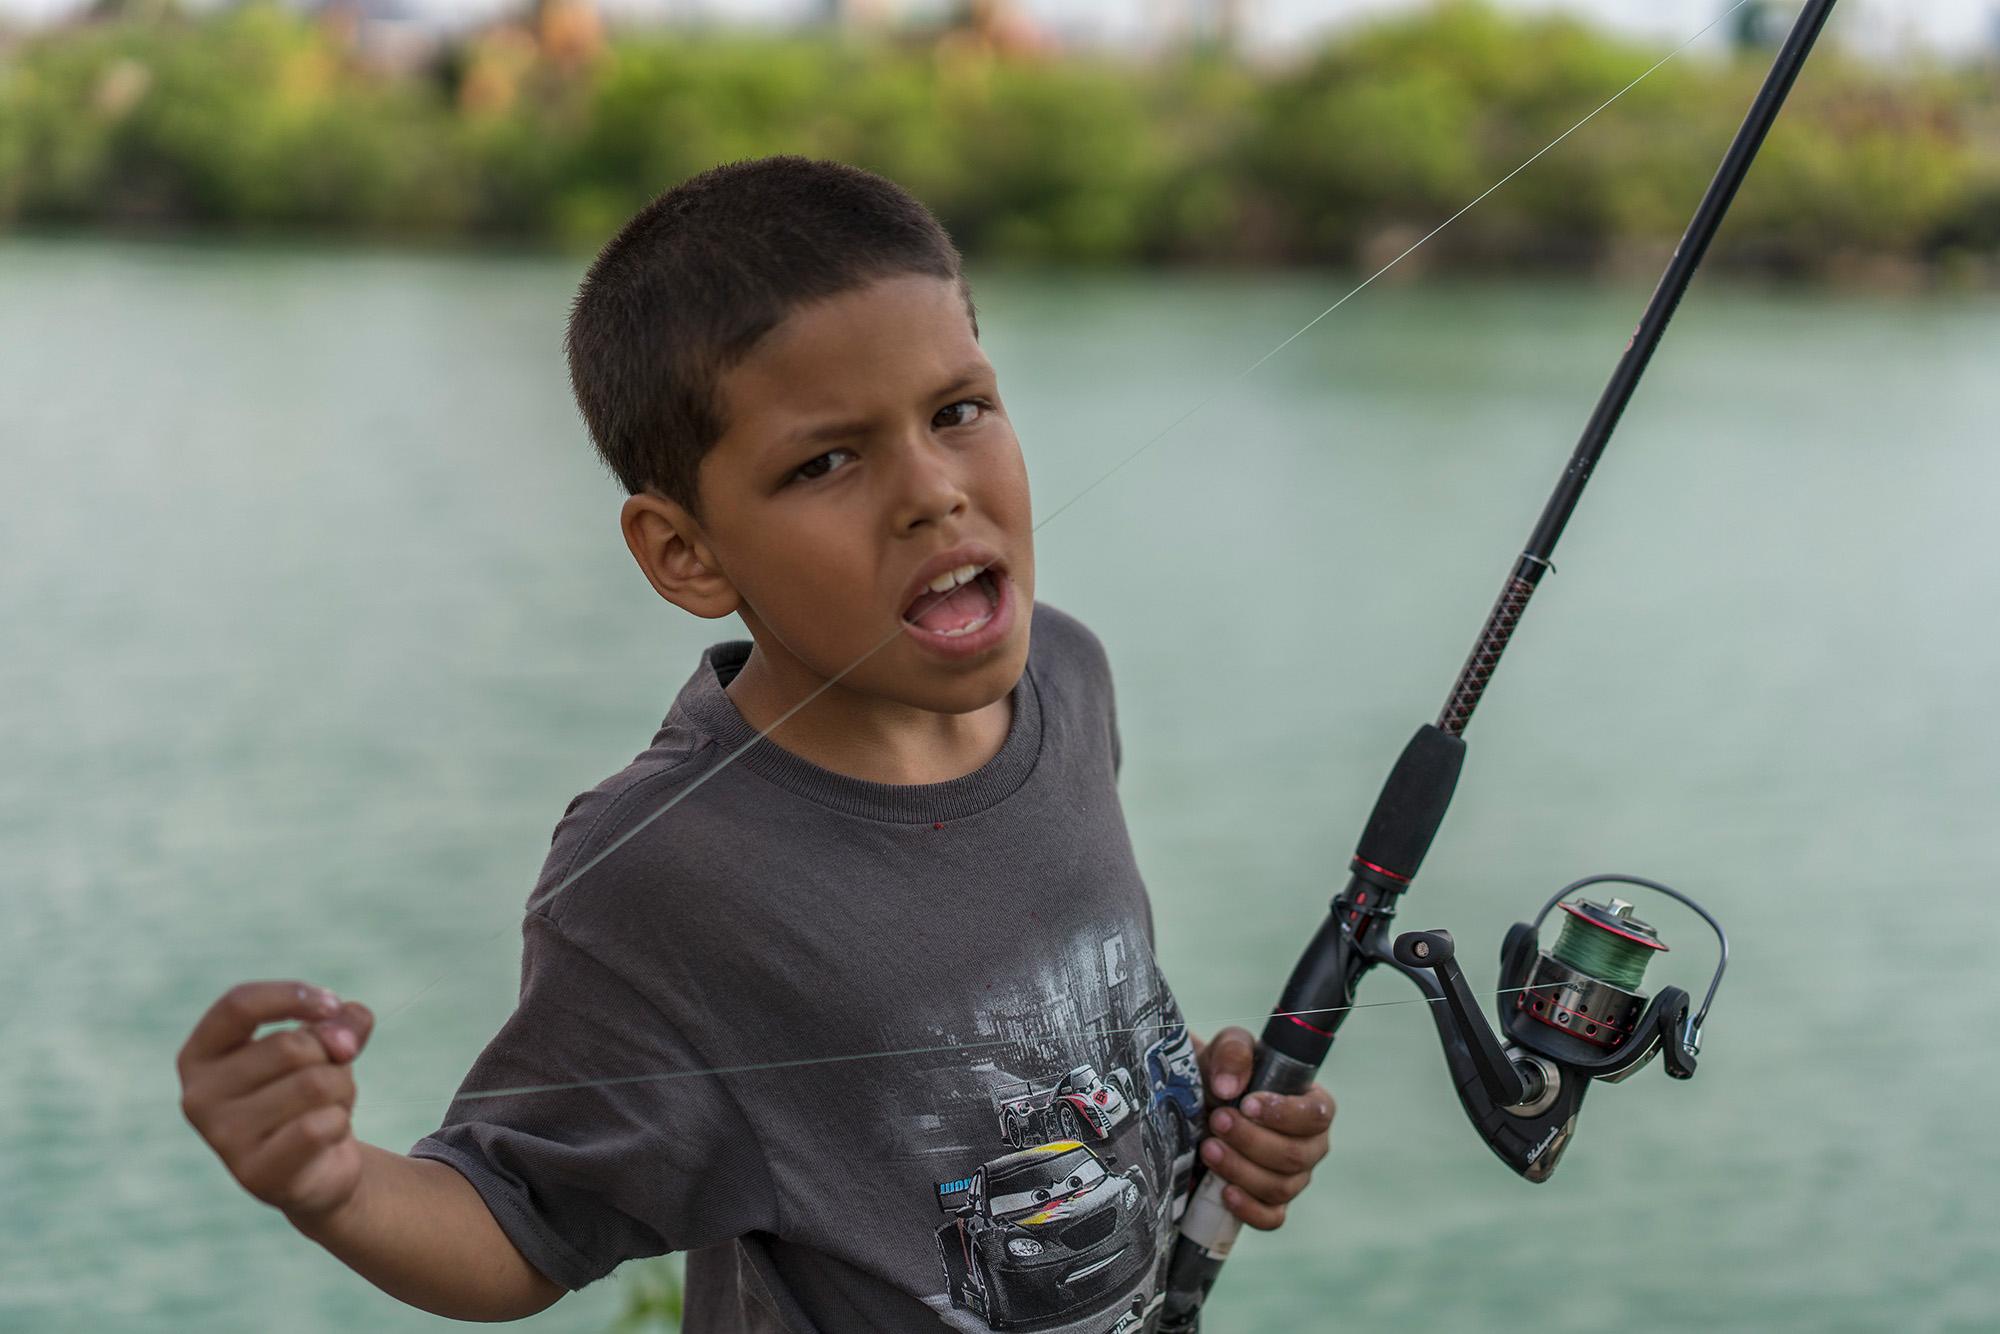 024_Peter_Essick-Fisherman_Rouge_River_Michigan.jpg